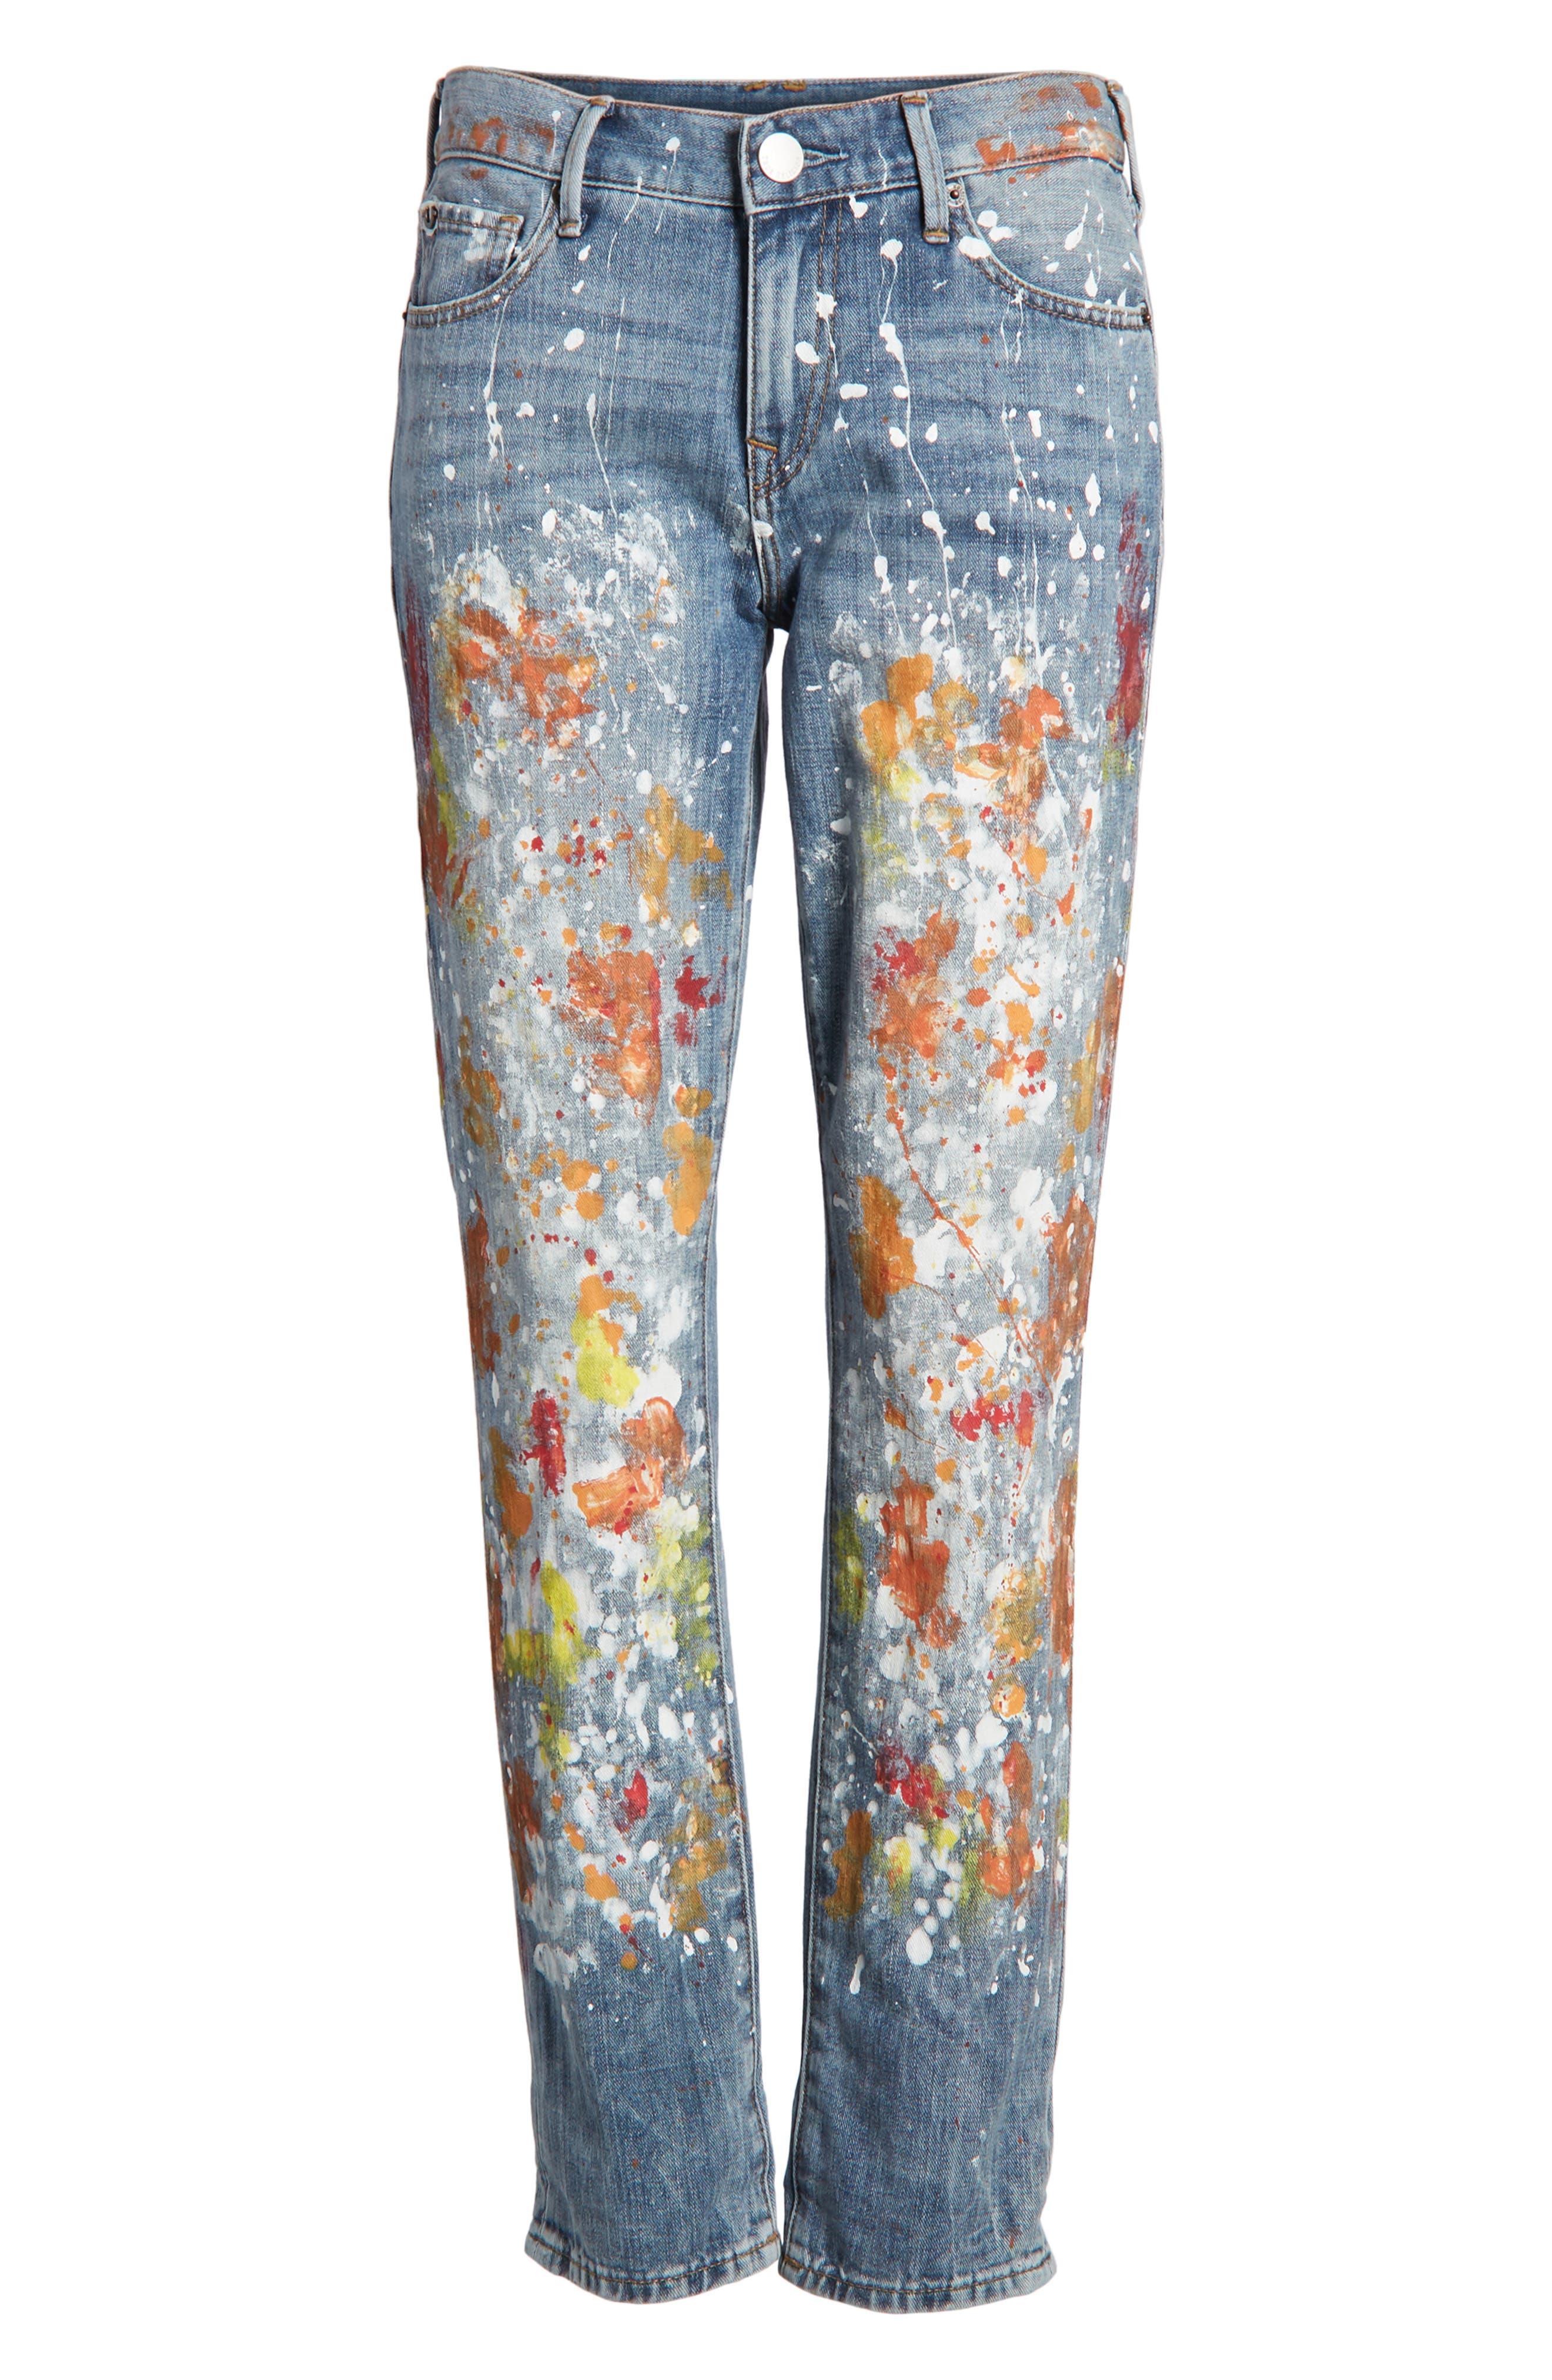 Cameron Slim Boyfriend Jeans,                             Alternate thumbnail 7, color,                             Erwm Popm Art